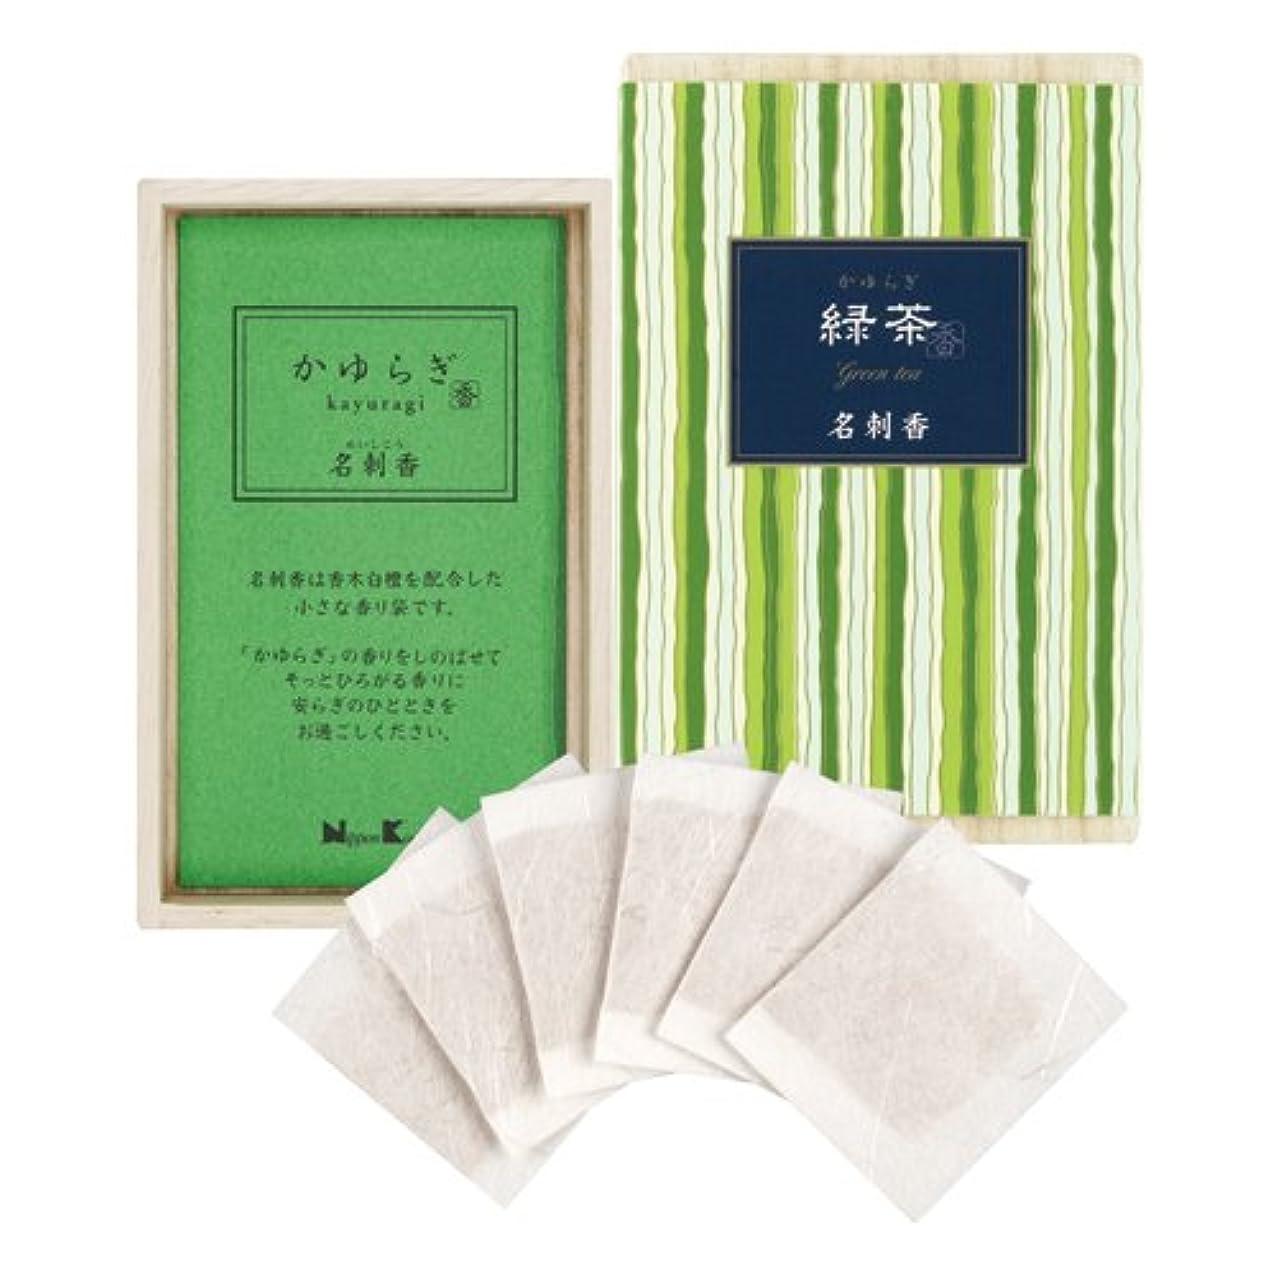 冒険者ストリップ超越するかゆらぎ 緑茶 名刺香 桐箱 6入